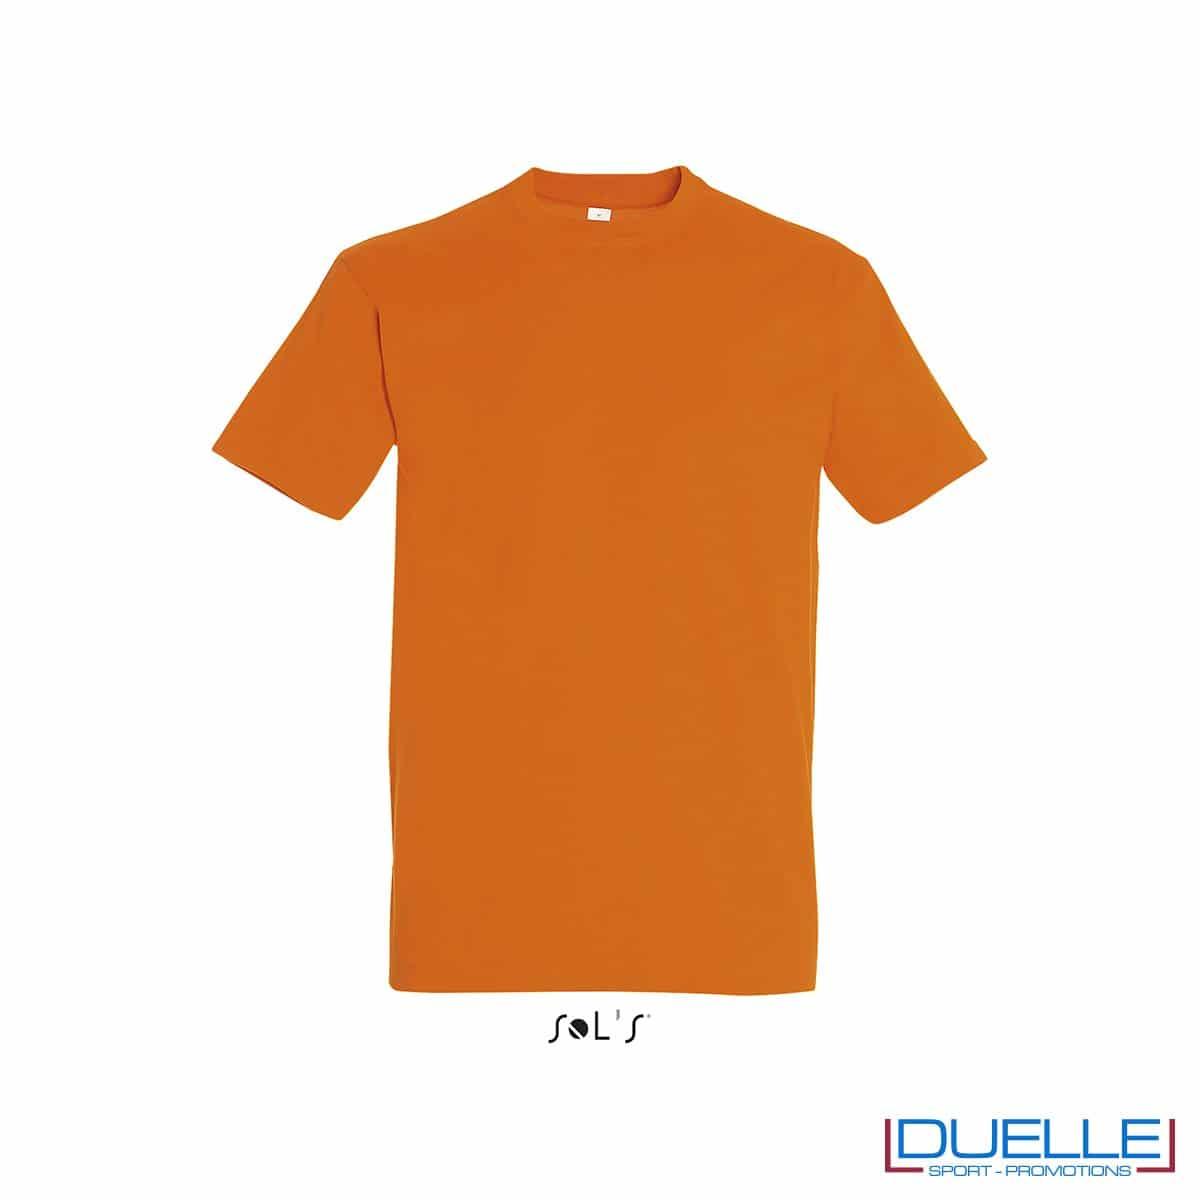 Maglietta promozionale in cotone pesante colore arancione personalizzata con ricamo o stampa